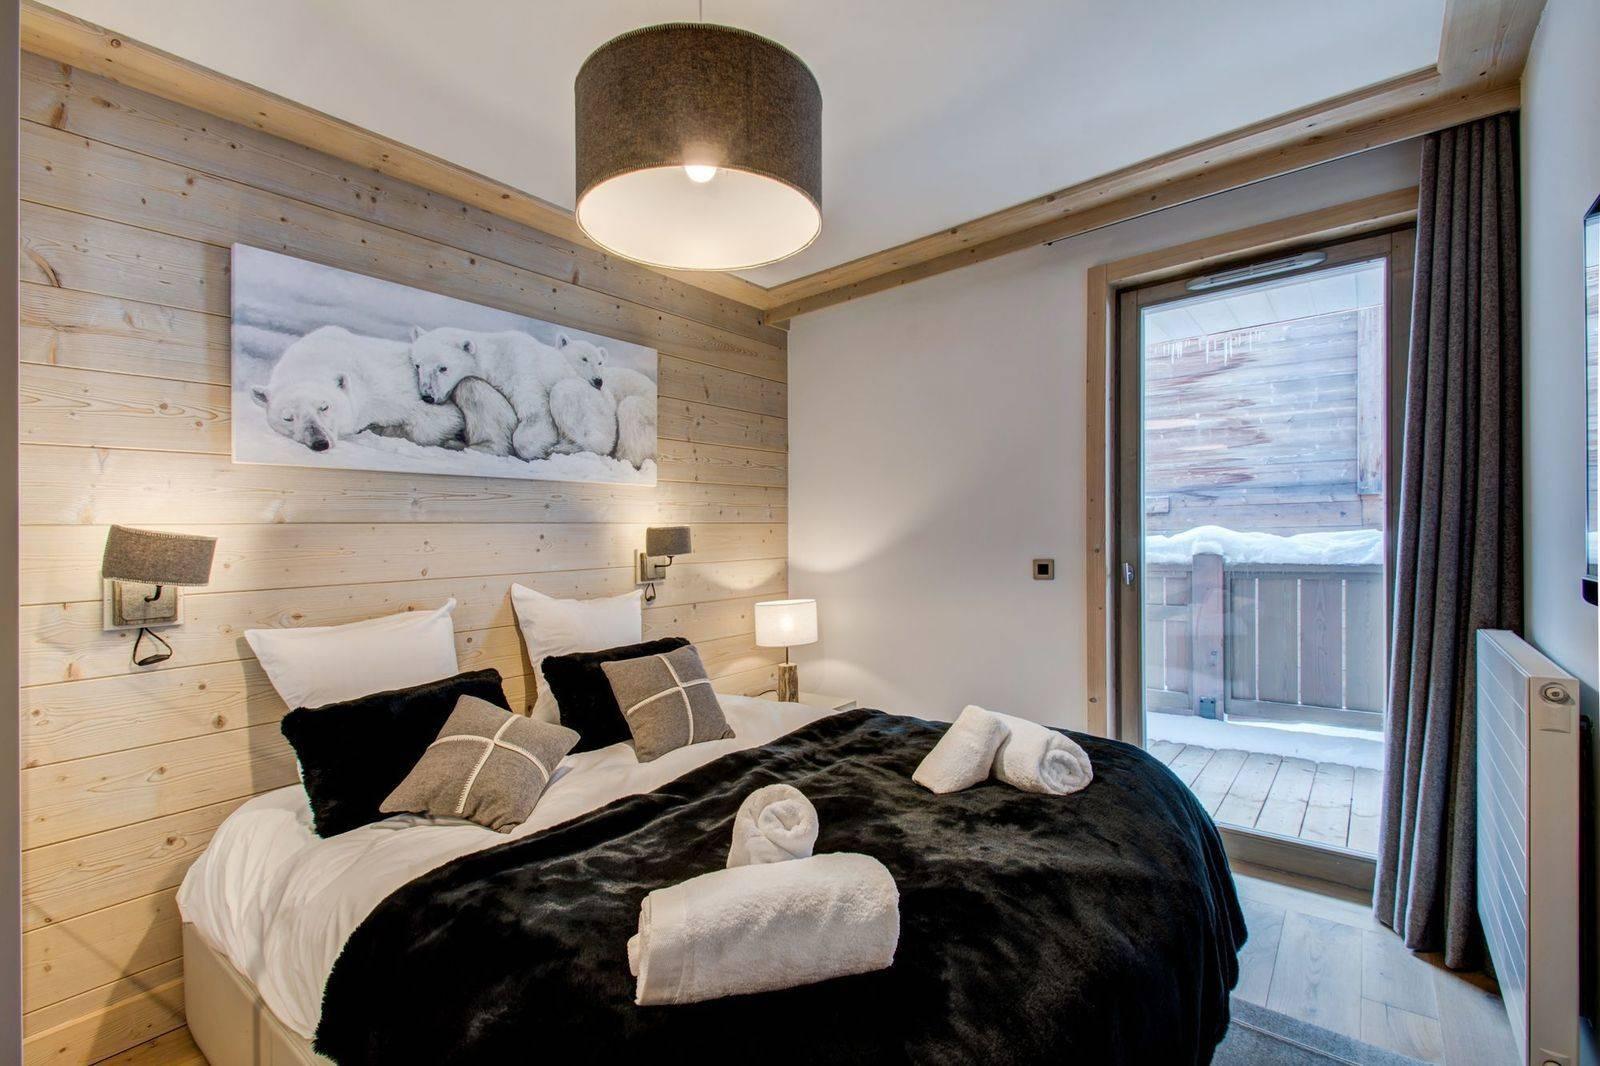 Courchevel 1550 Location Appartement Luxe Telimite Chambre 3